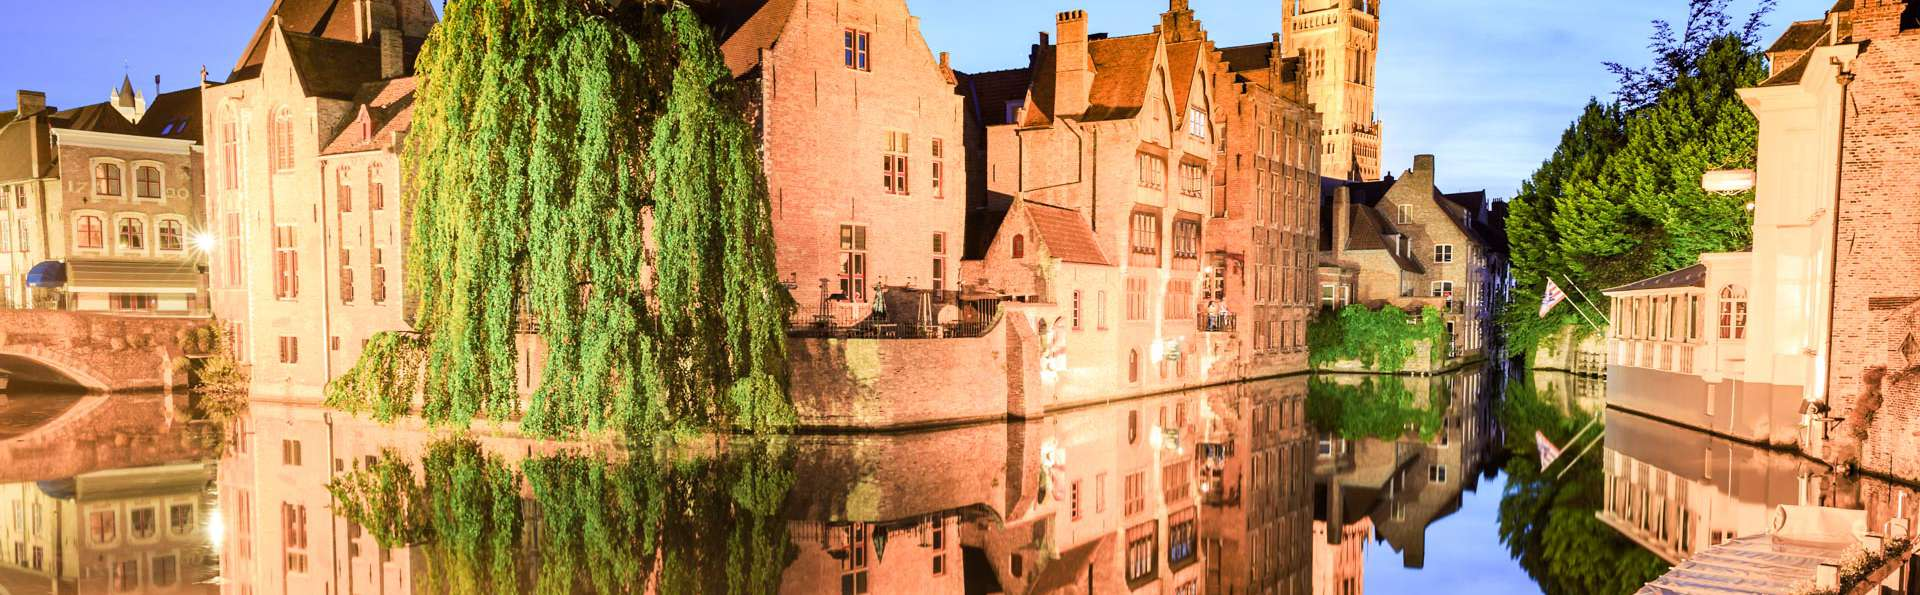 Séjour de charme à côté de la place du marché de Bruges